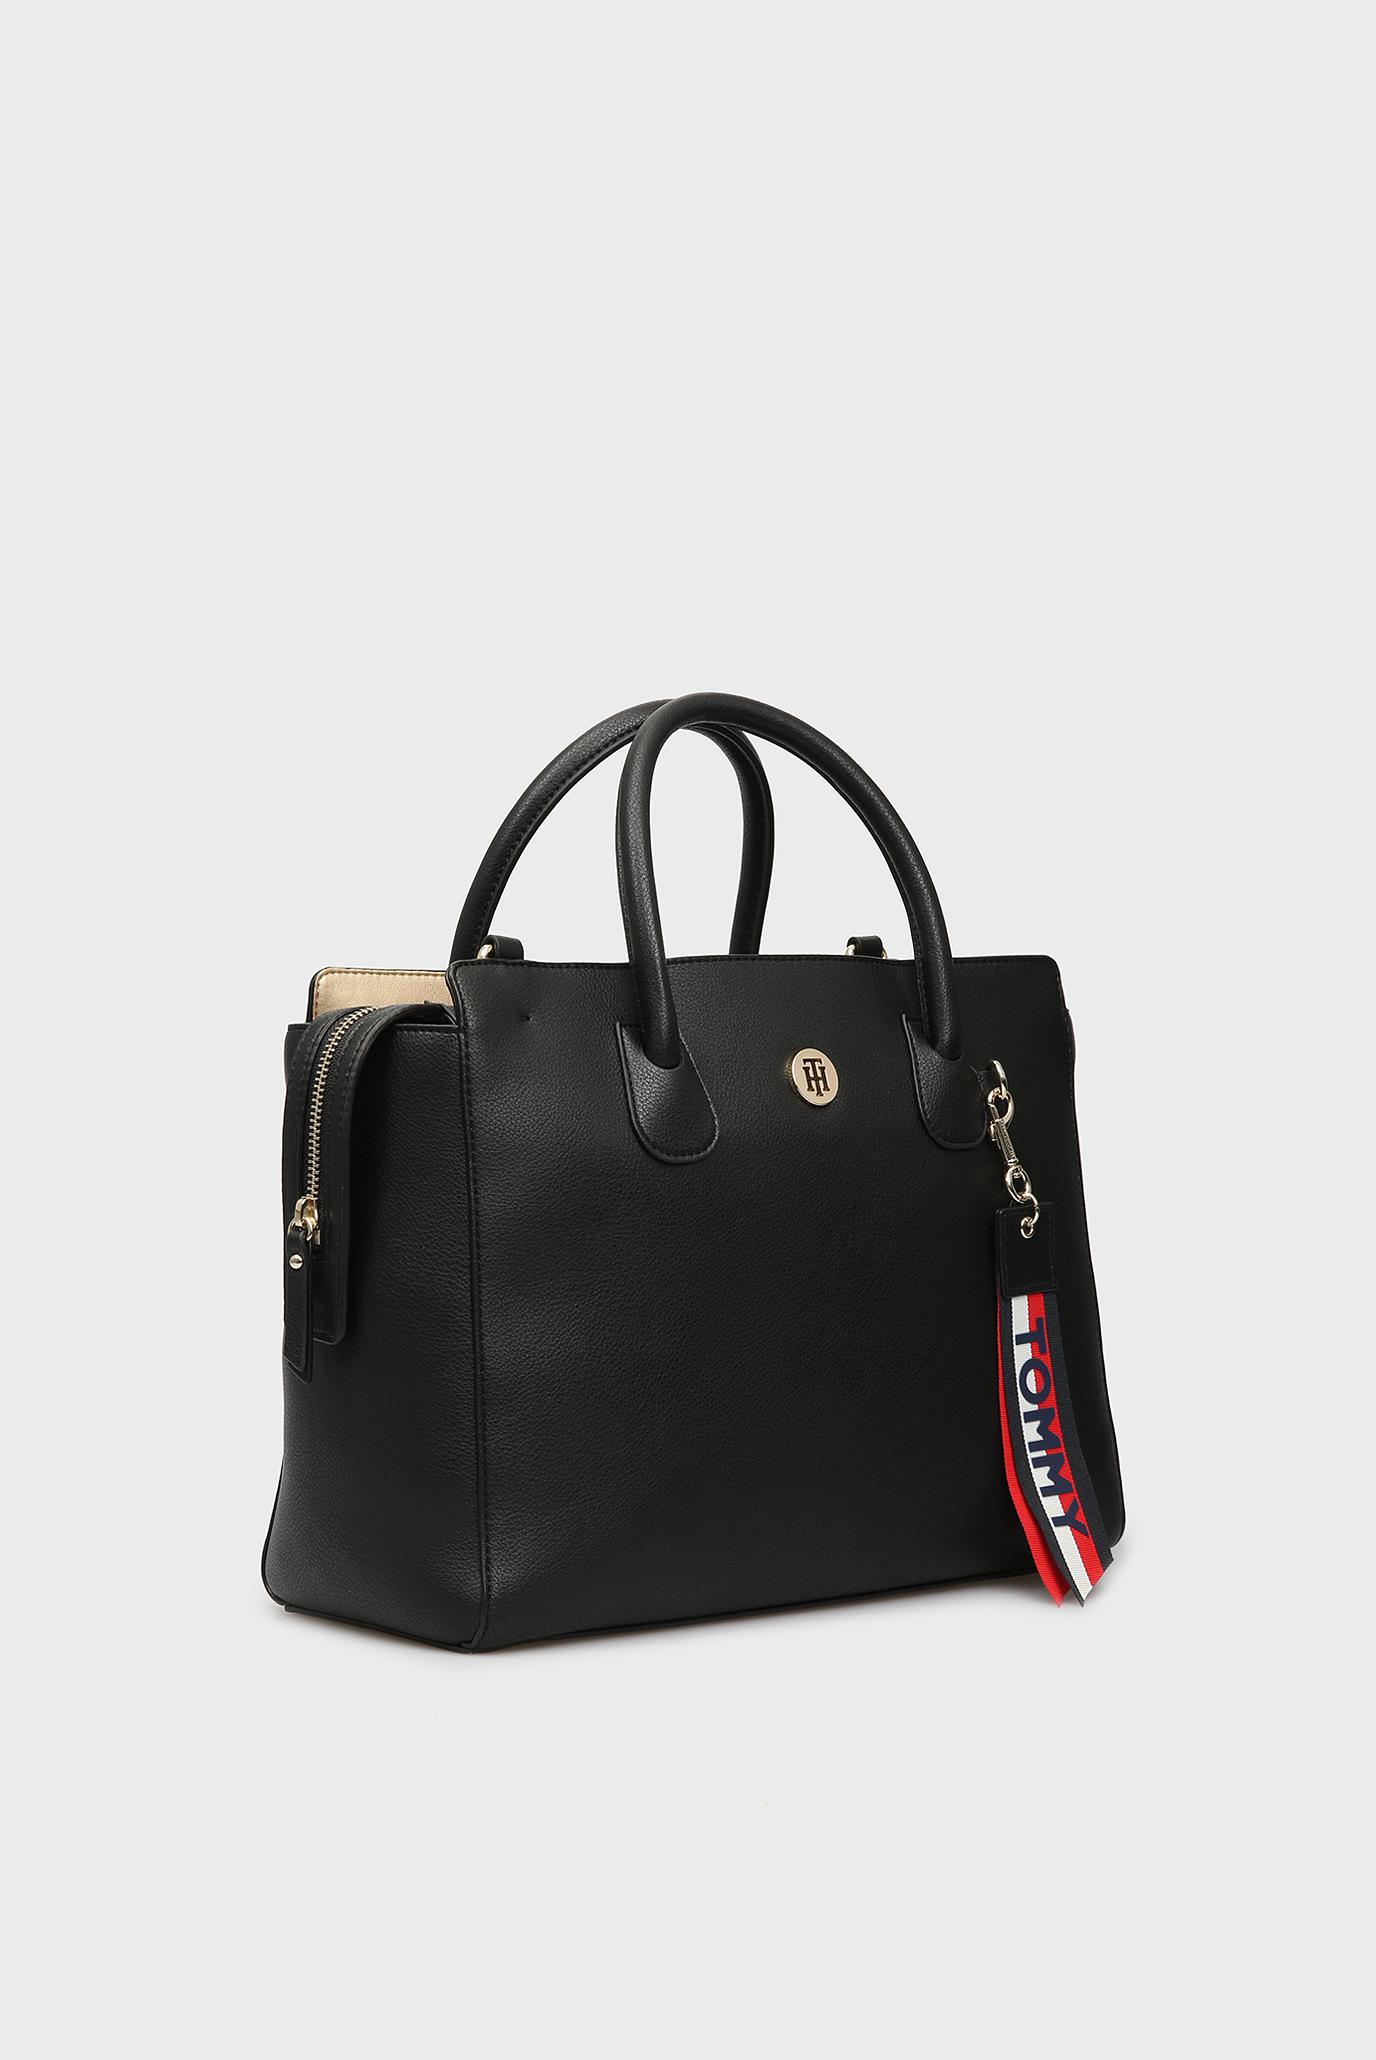 Купить Женская черная сумка на плечо CHARMING TOMMY SATCHEL Tommy Hilfiger Tommy Hilfiger AW0AW05673 – Киев, Украина. Цены в интернет магазине MD Fashion